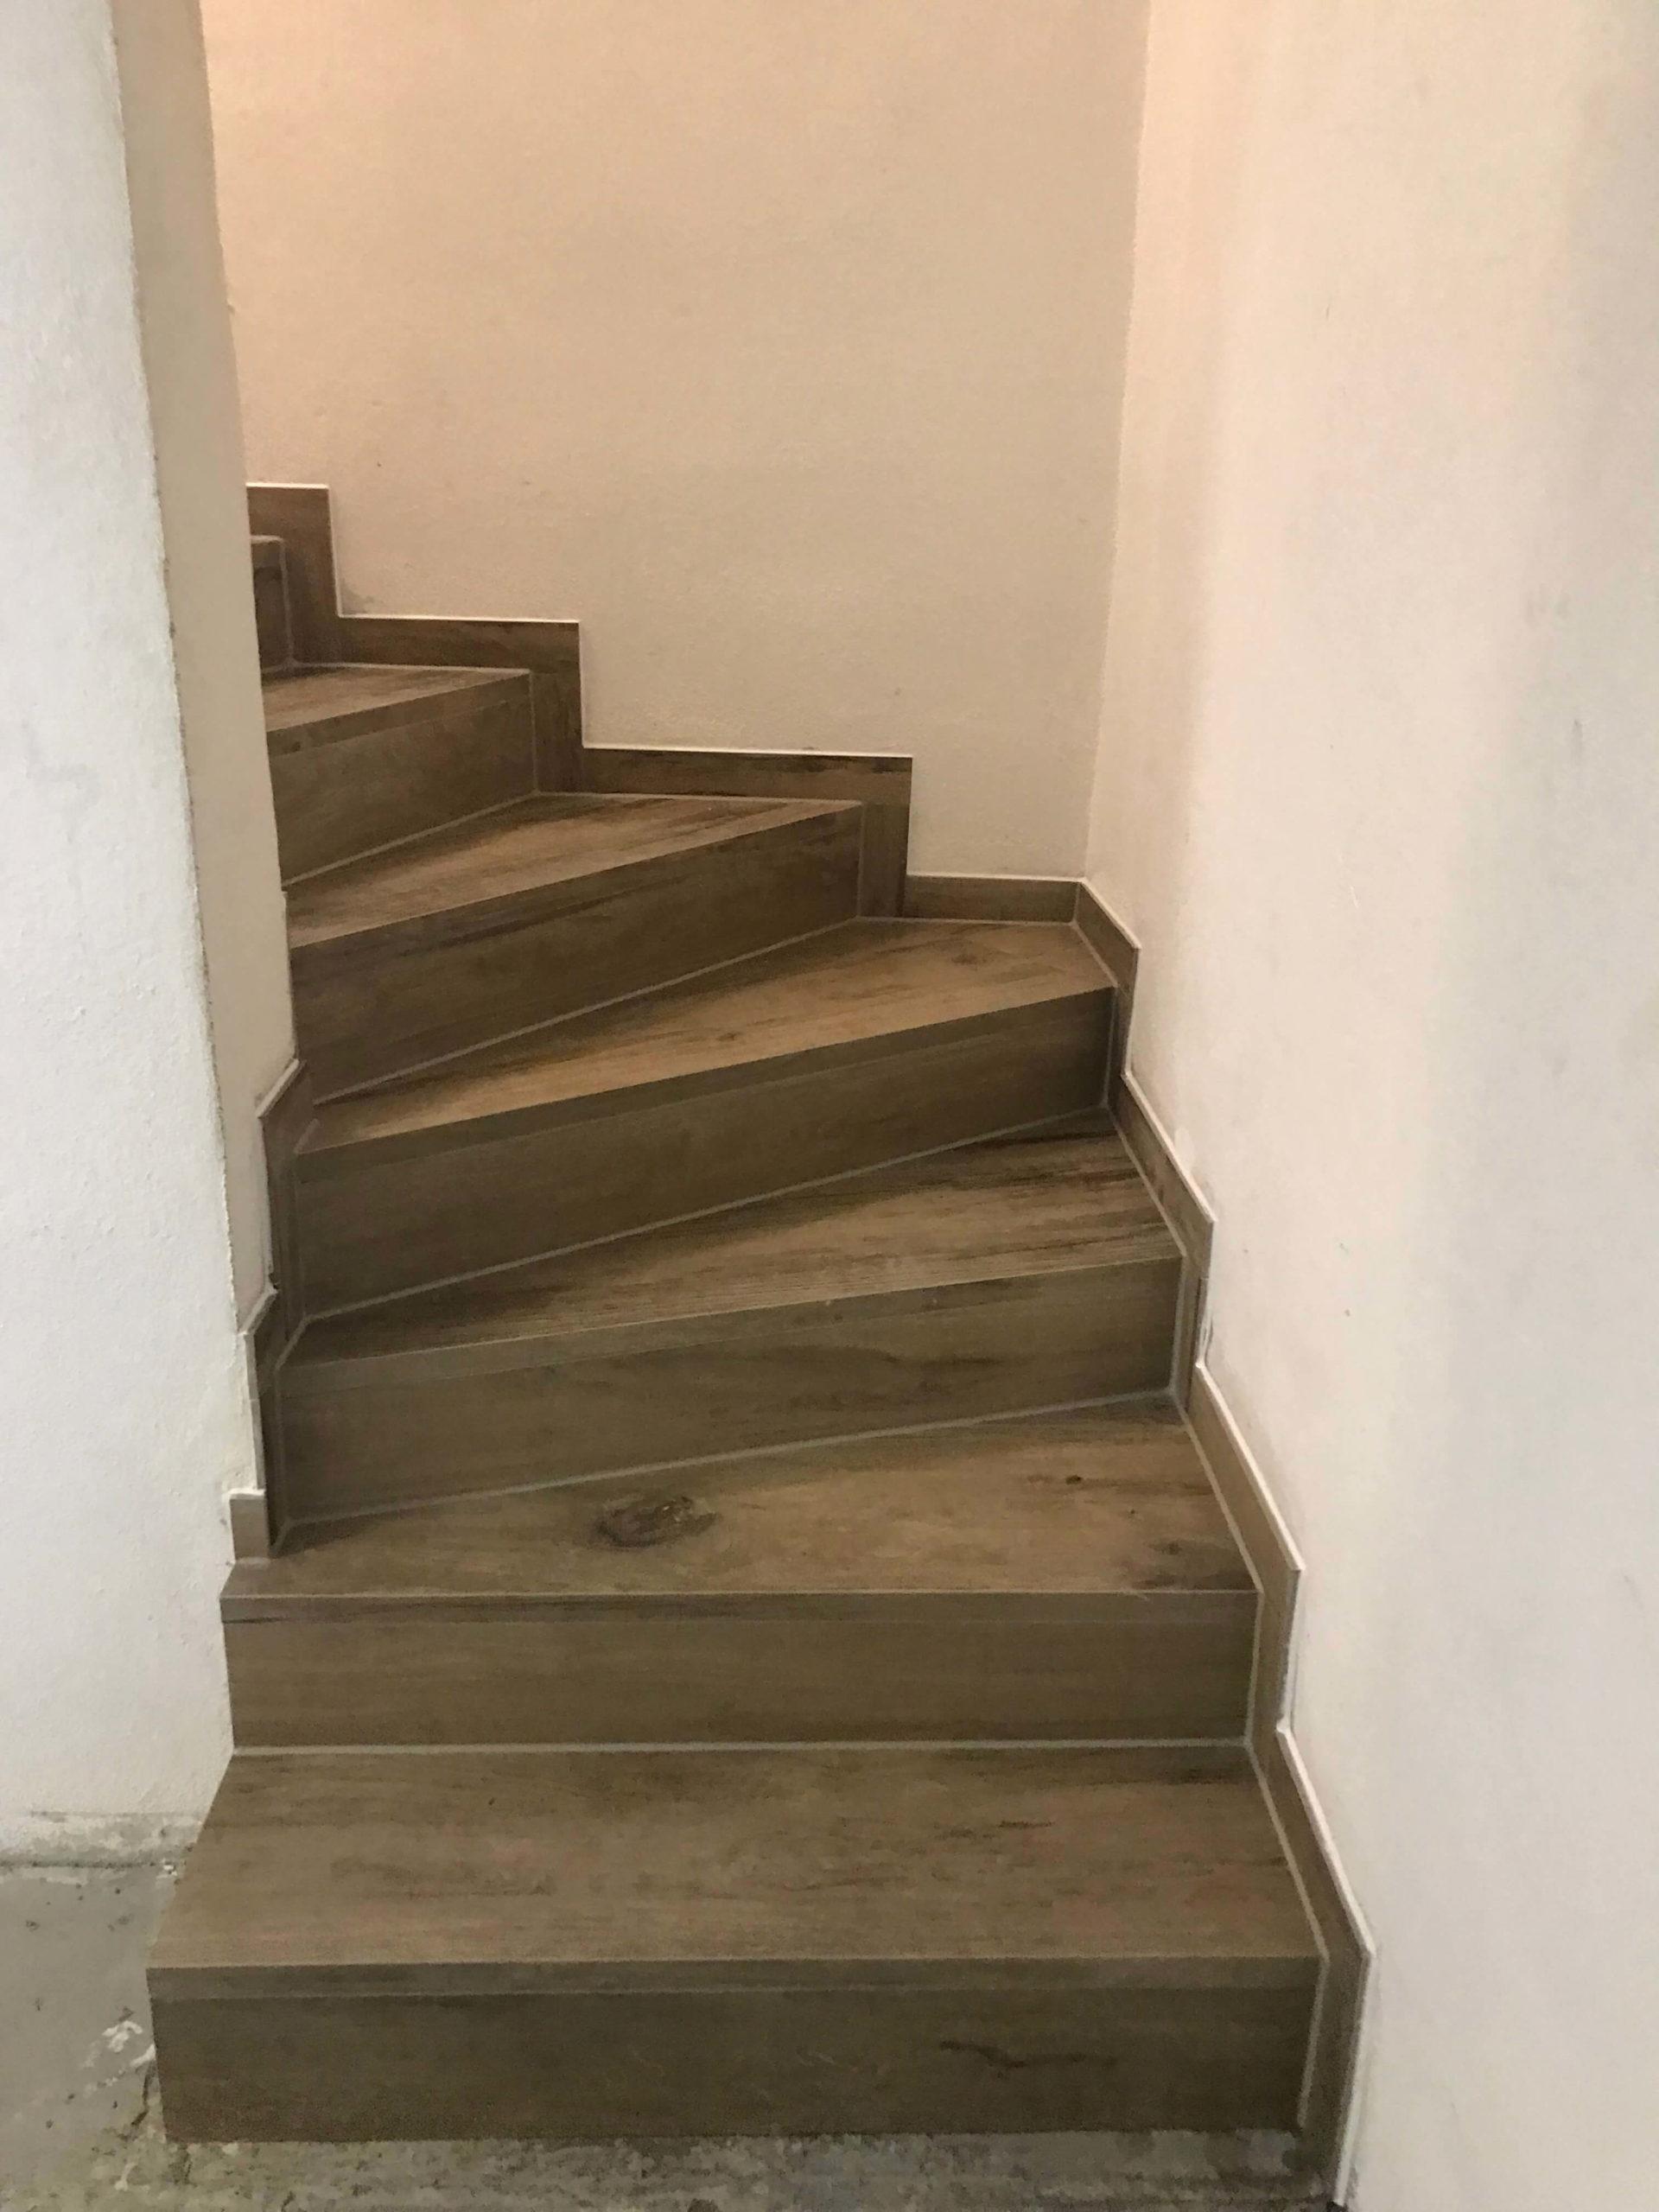 Fliesen Blesch Treppen fliesen im Haus und Außenbereich